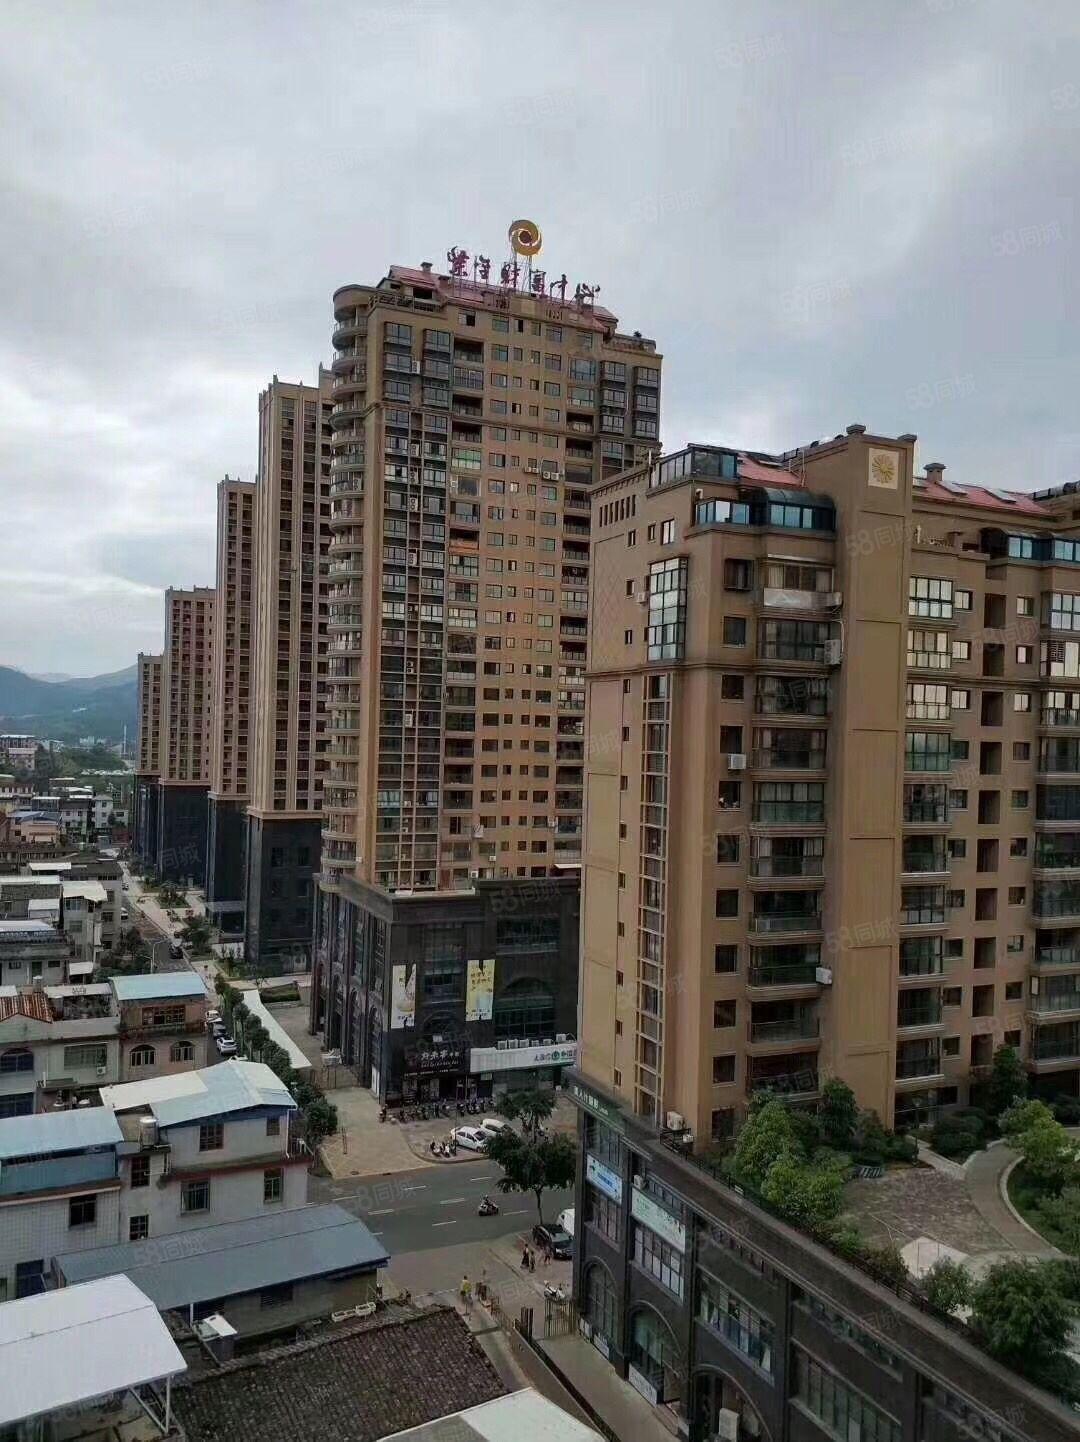 紫金财富中心大套房,县城中心繁华热闹的购物地方